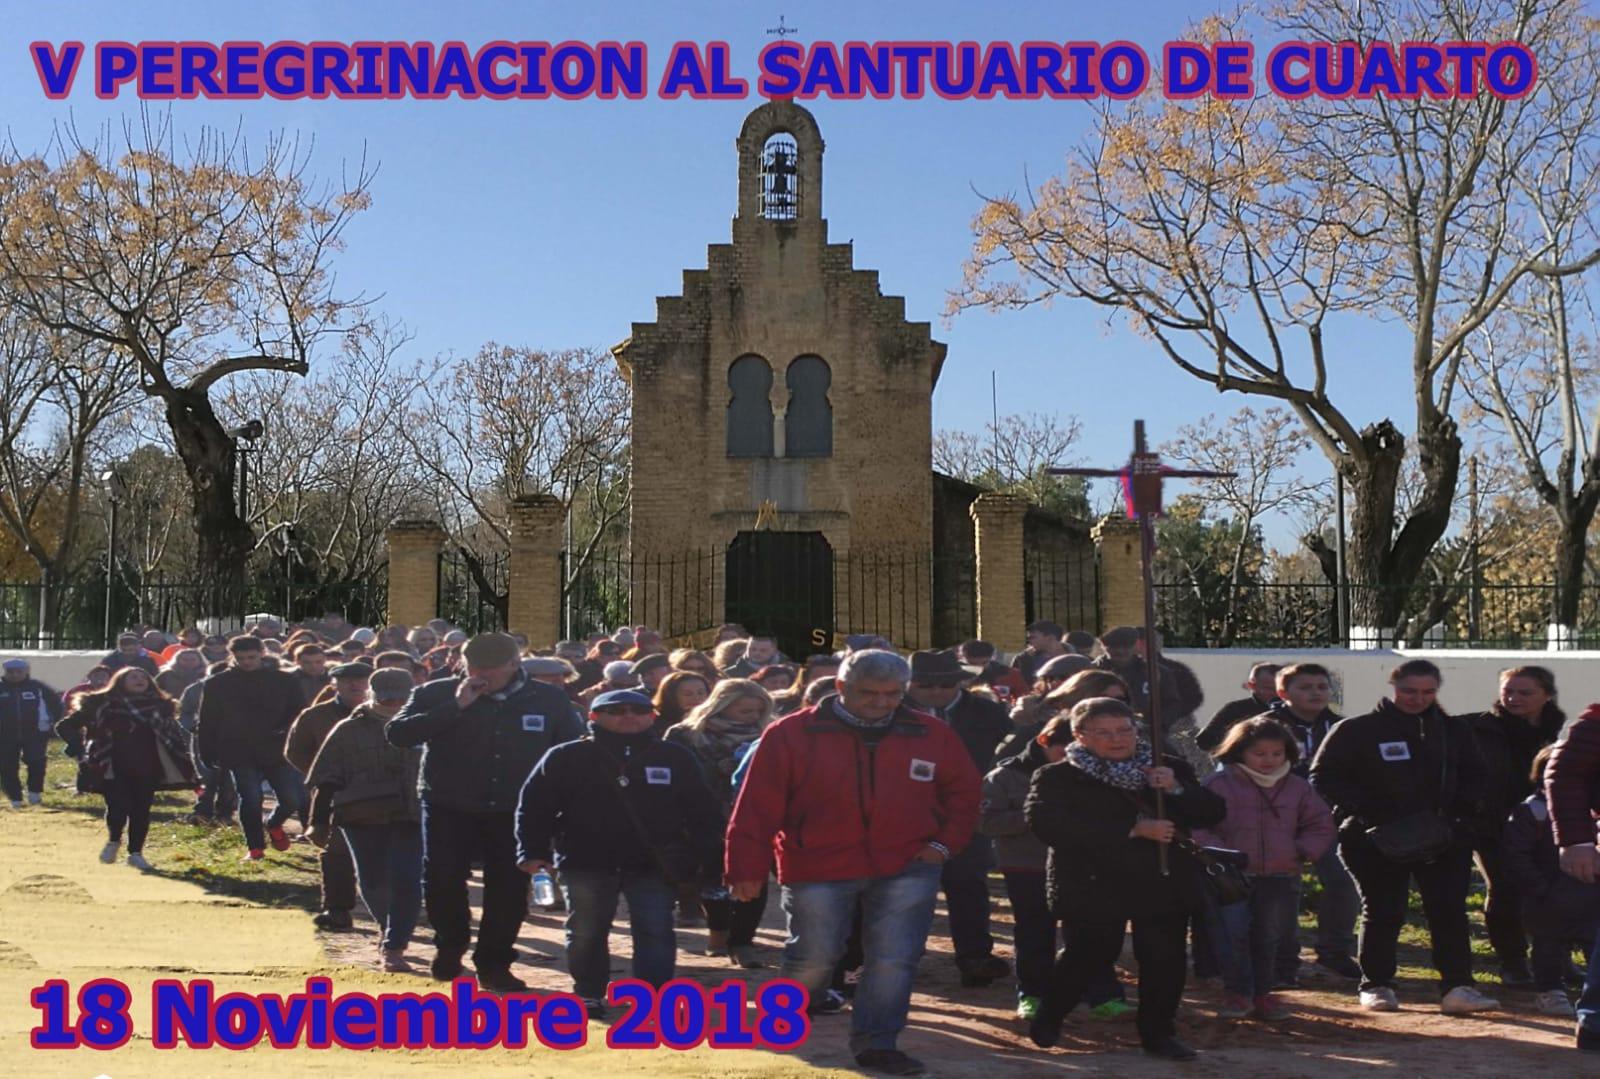 V PEREGRINACIÓN ANDANDO AL REAL SANTUARIO DE CUARTO